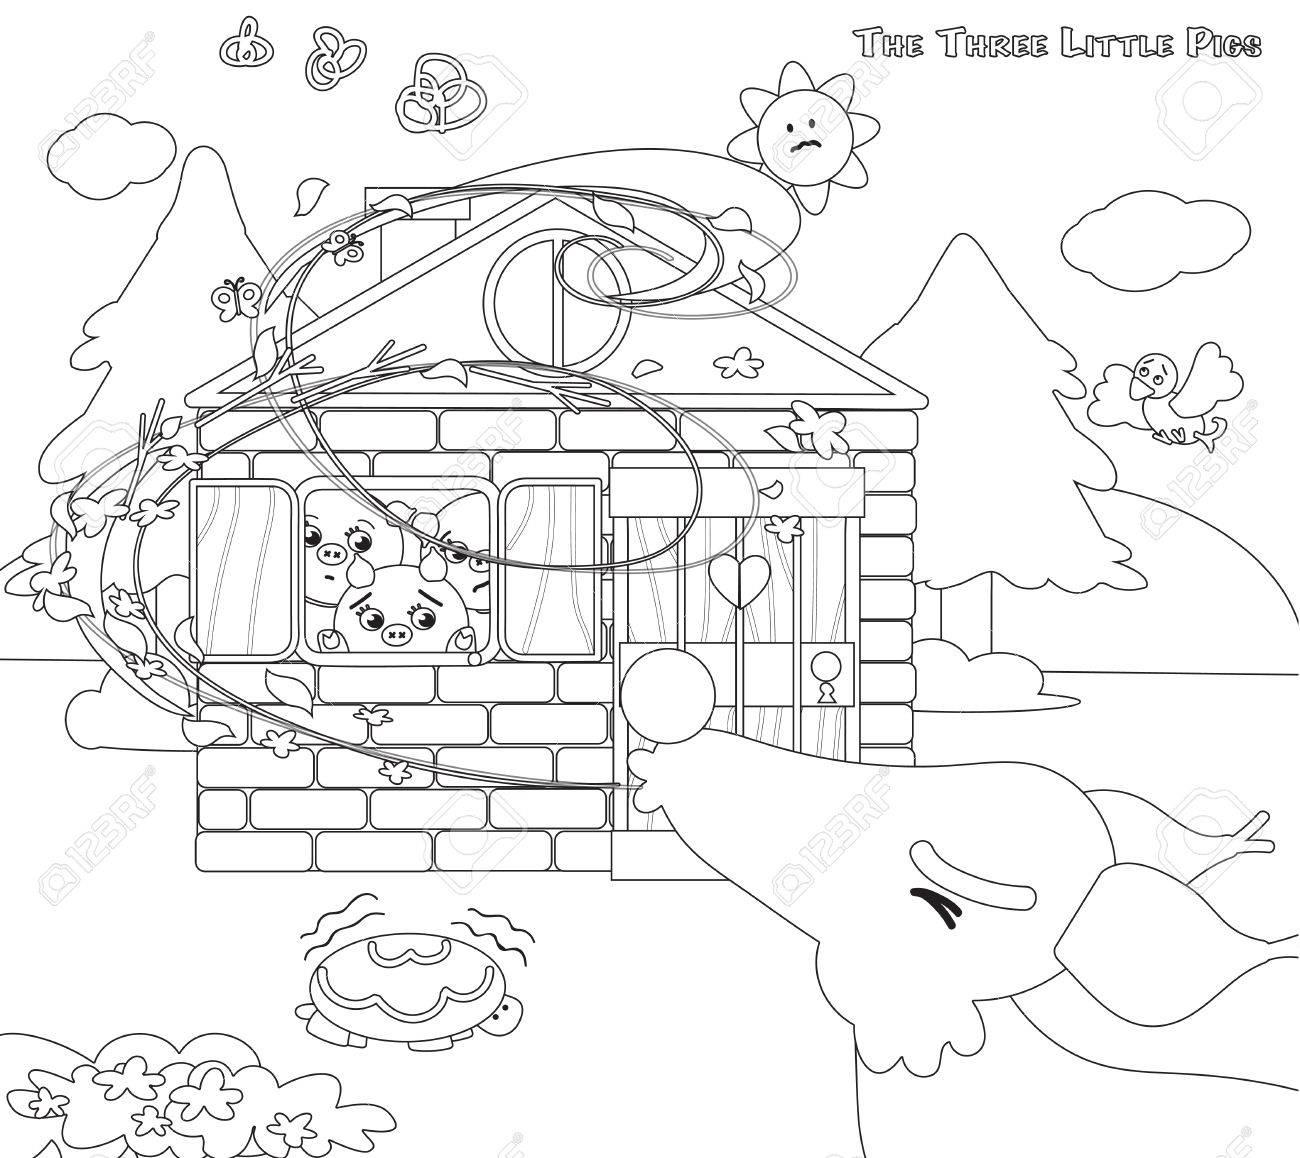 Dibujos Para Colorear Tres Pequeños Cerdos Lobo Soplando 10